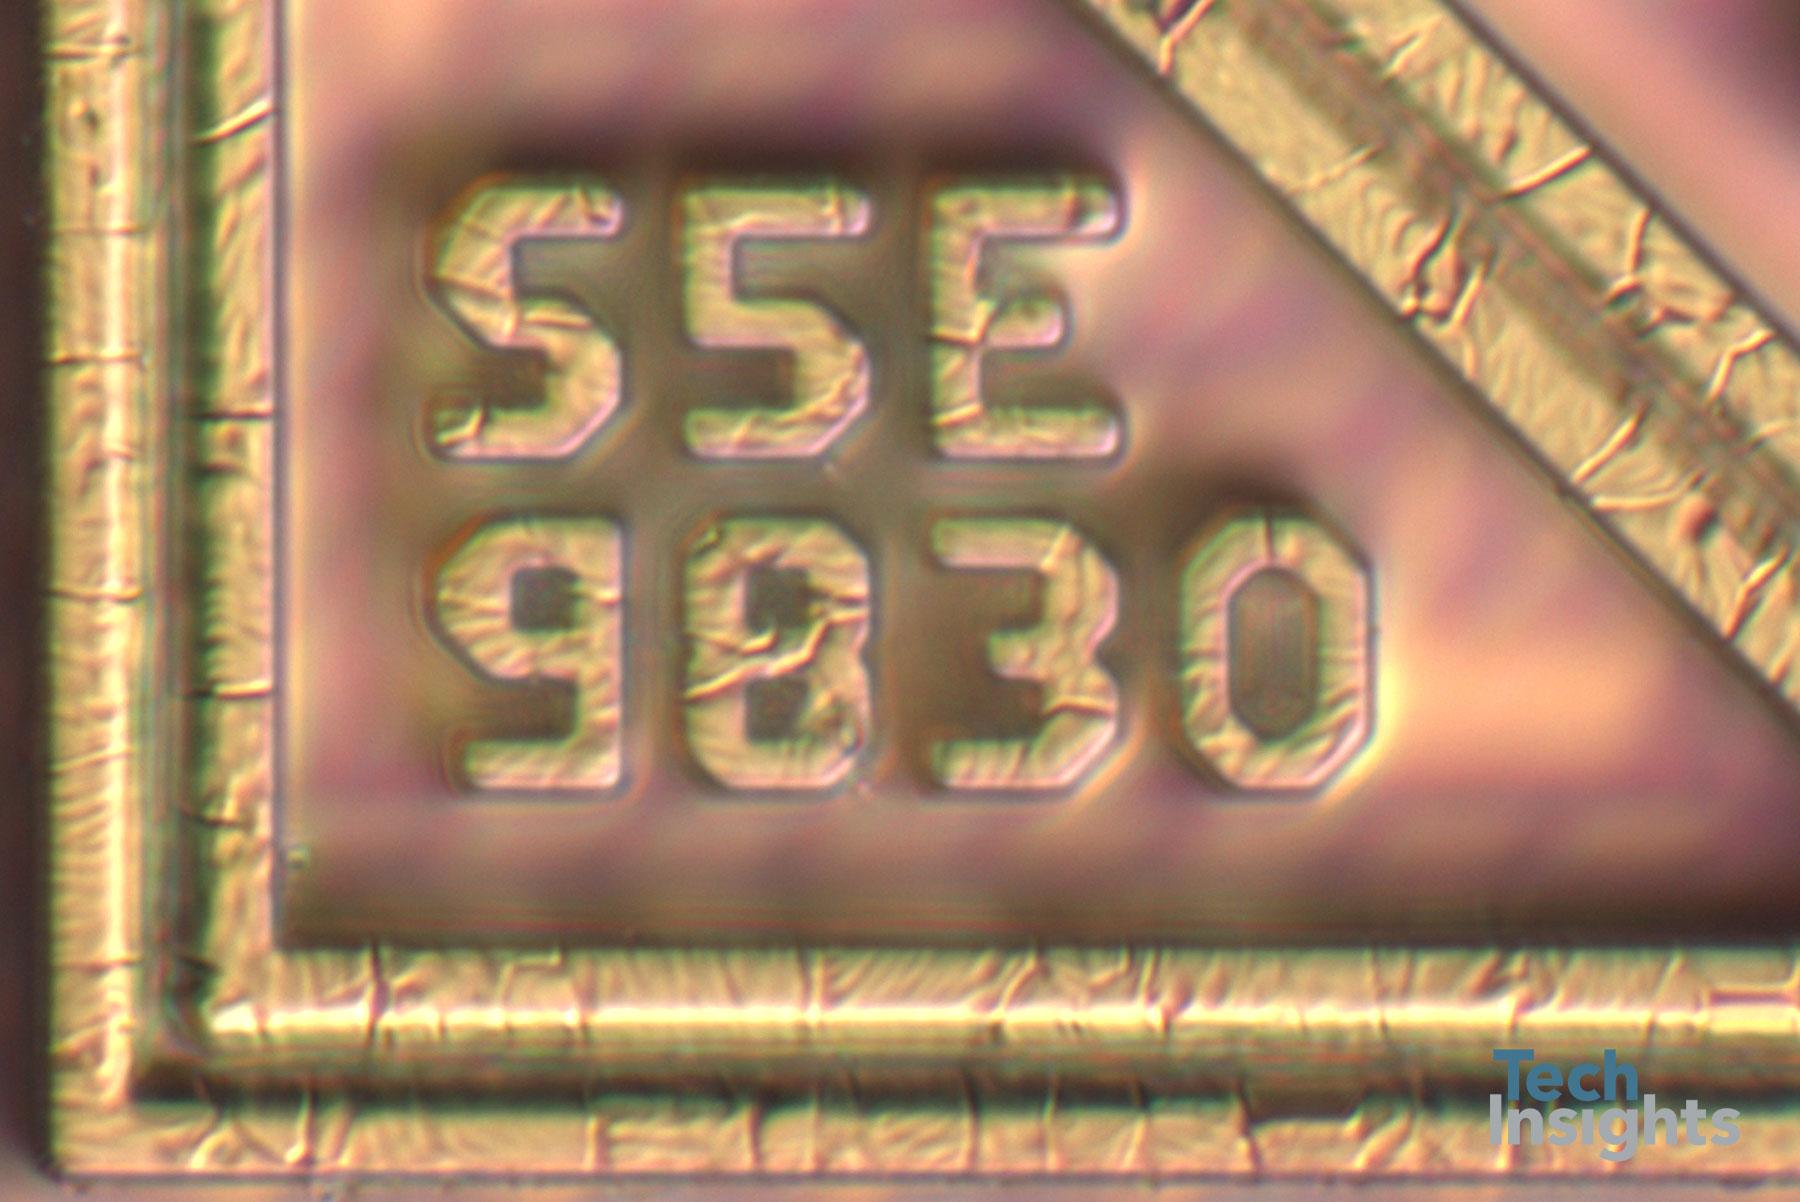 Samsung Exynos 990 Application Processor